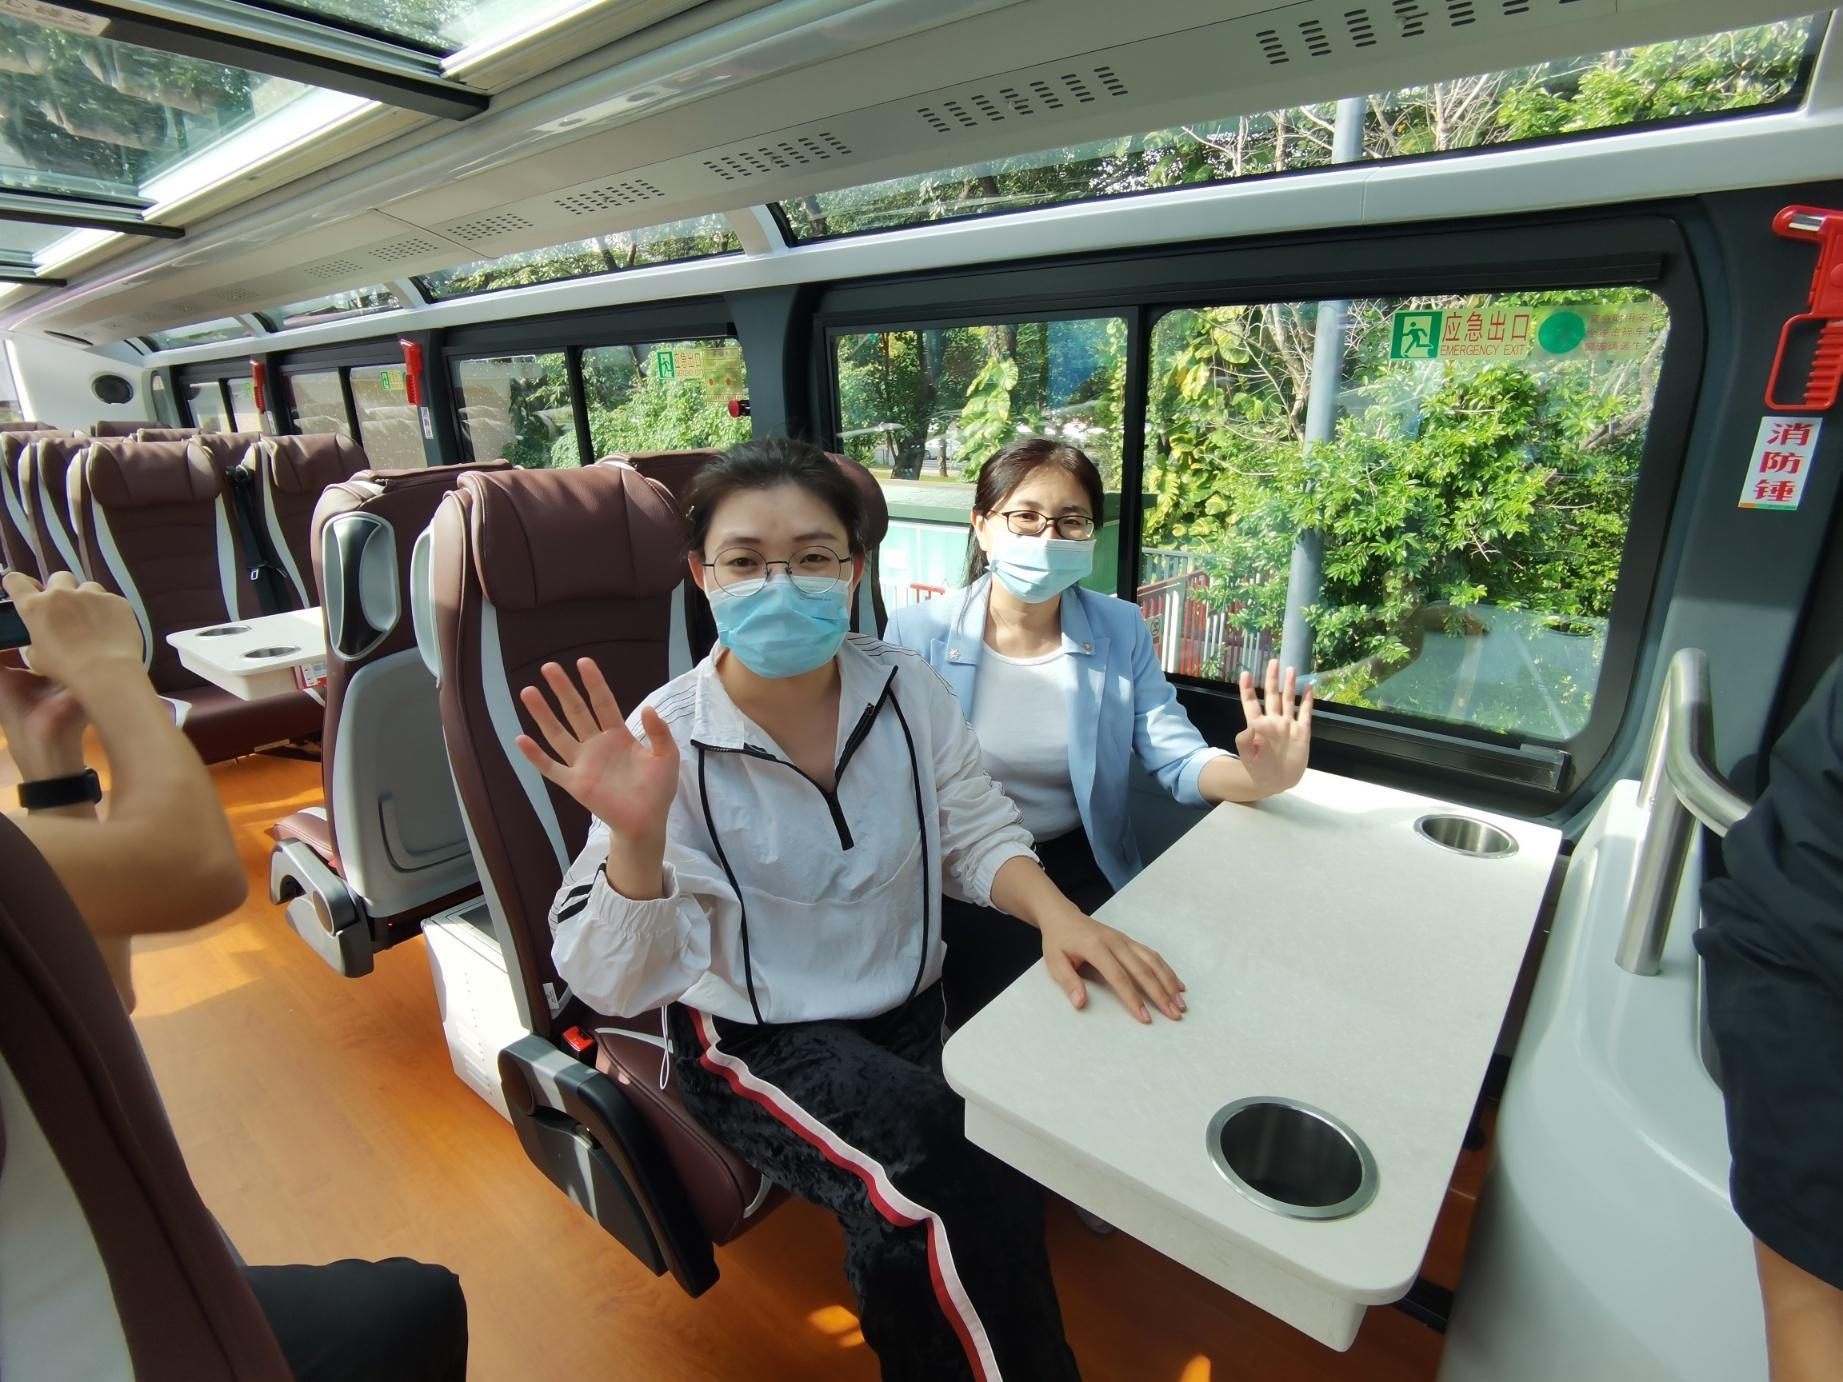 市民在試乘體驗 。(香港文匯網記者郭若溪 攝)